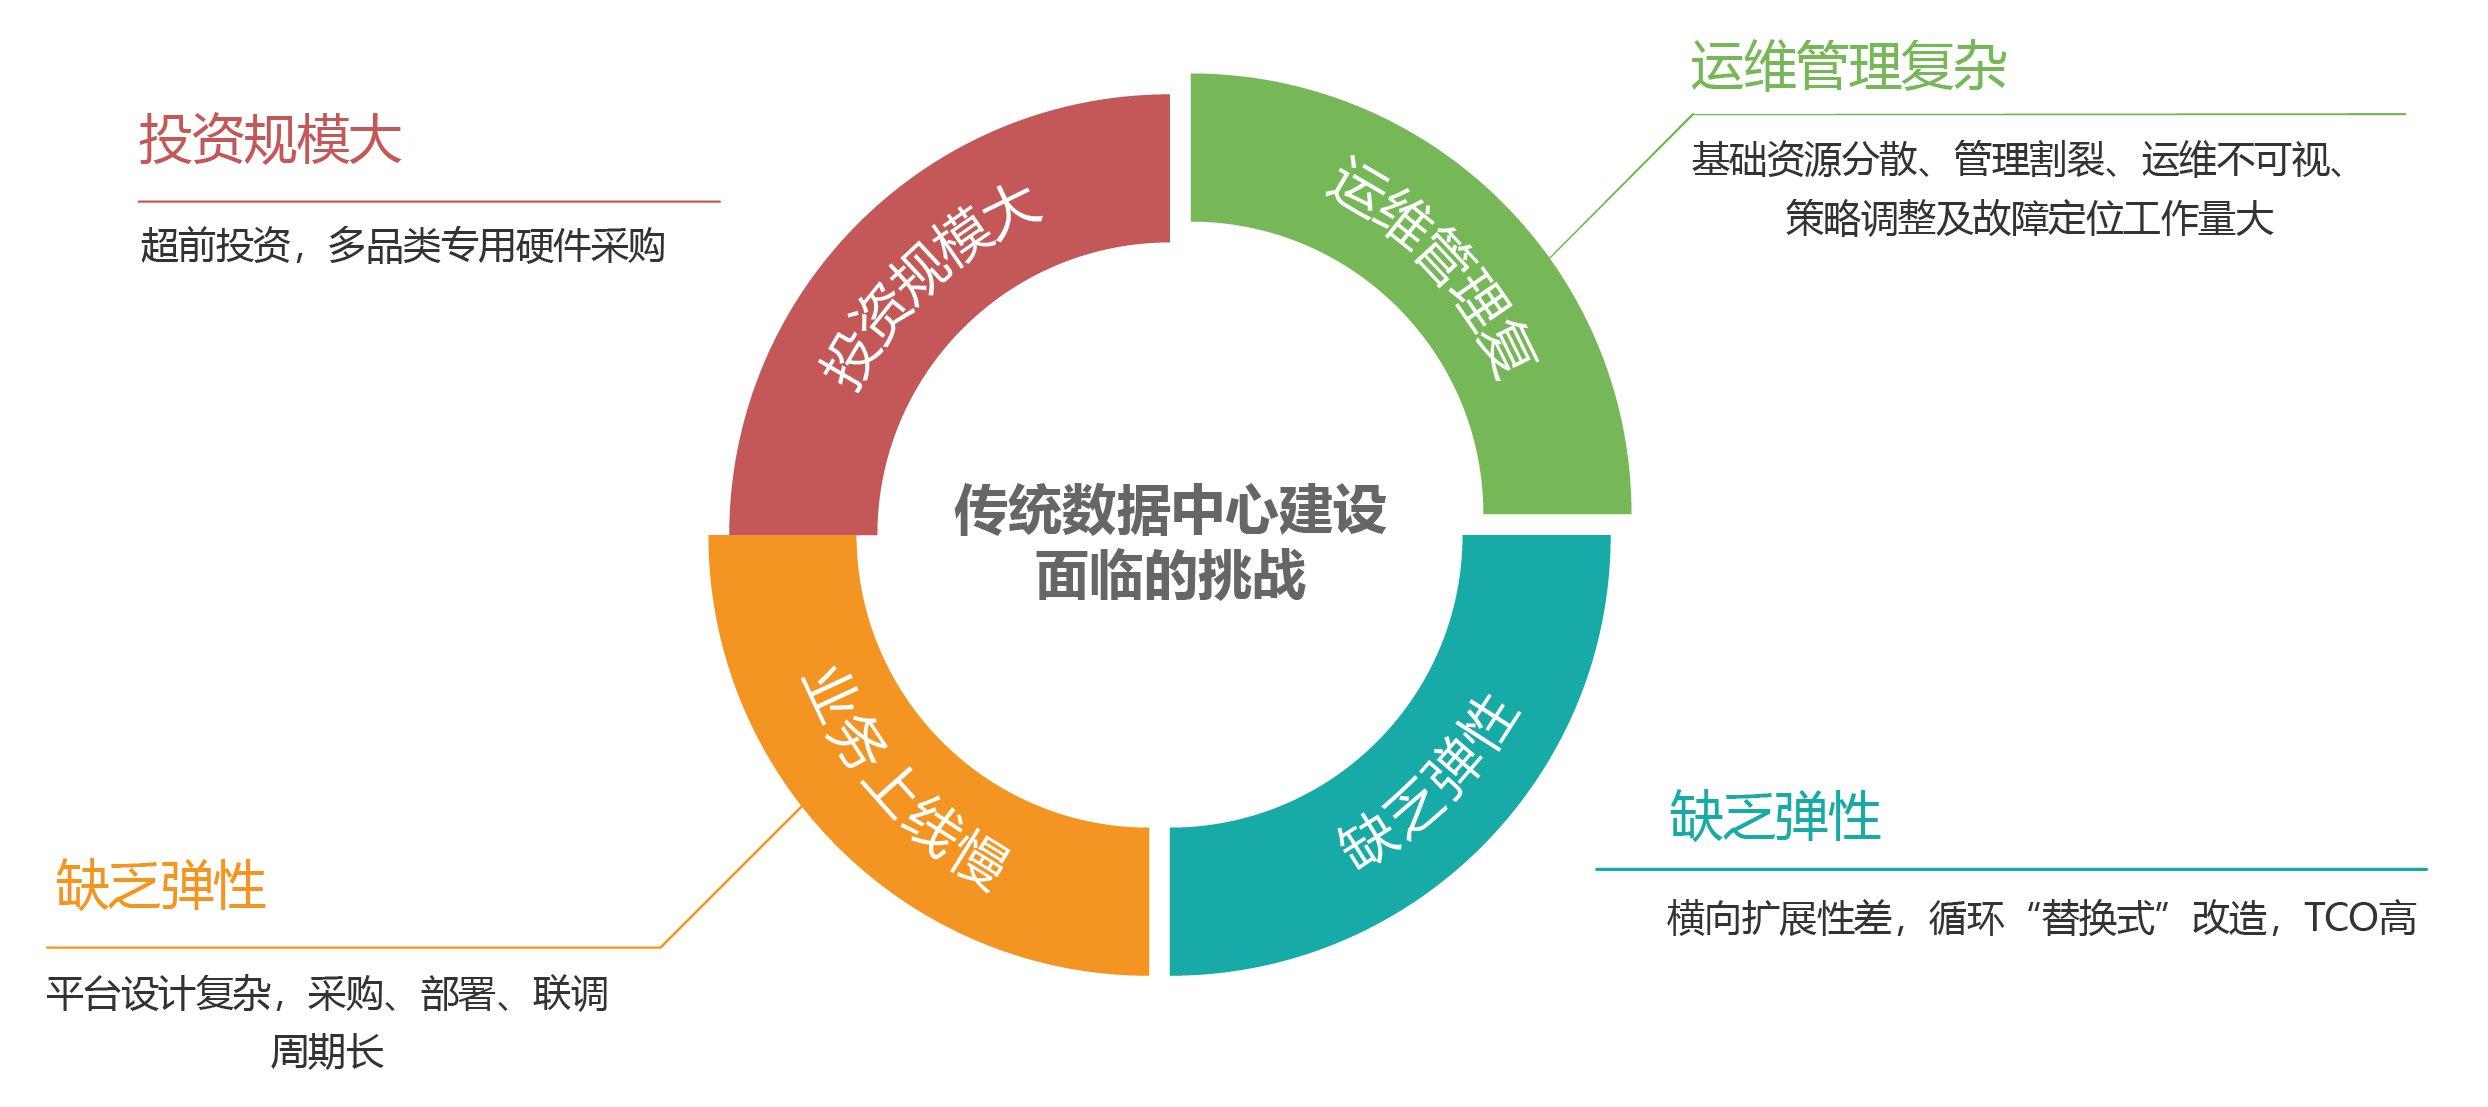 混合云具有很大的优势!混合云私有云优势在哪里-深圳市互联时空科技有限公司